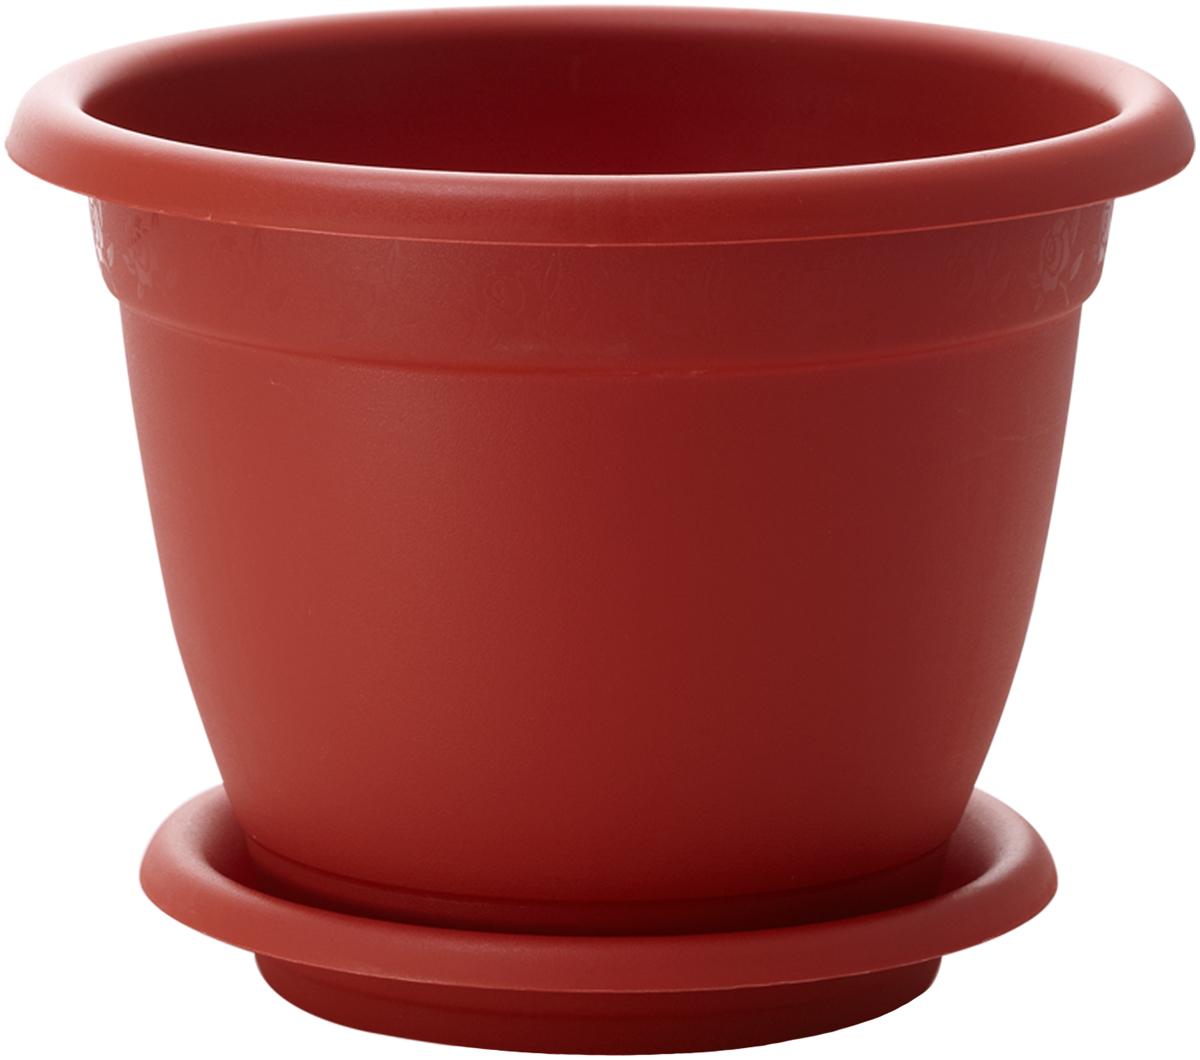 Горшок для цветов InGreen Борнео, с поддоном, цвет: терракотовый, диаметр 21 смING42021FТРЦветочный горшок InGreen Борнео выполнен из полипропилена и предназначен для выращивания в нем цветов, растений и трав. Такой горшок порадует вас современным дизайном и функциональностью, а также оригинально украсит интерьер помещения. К горшку прилагается круглый поддон. Диаметр горшка (по верхнему краю): 21 см. Высота горшка: 16,5 см. Диаметр поддона: 16,5 см.